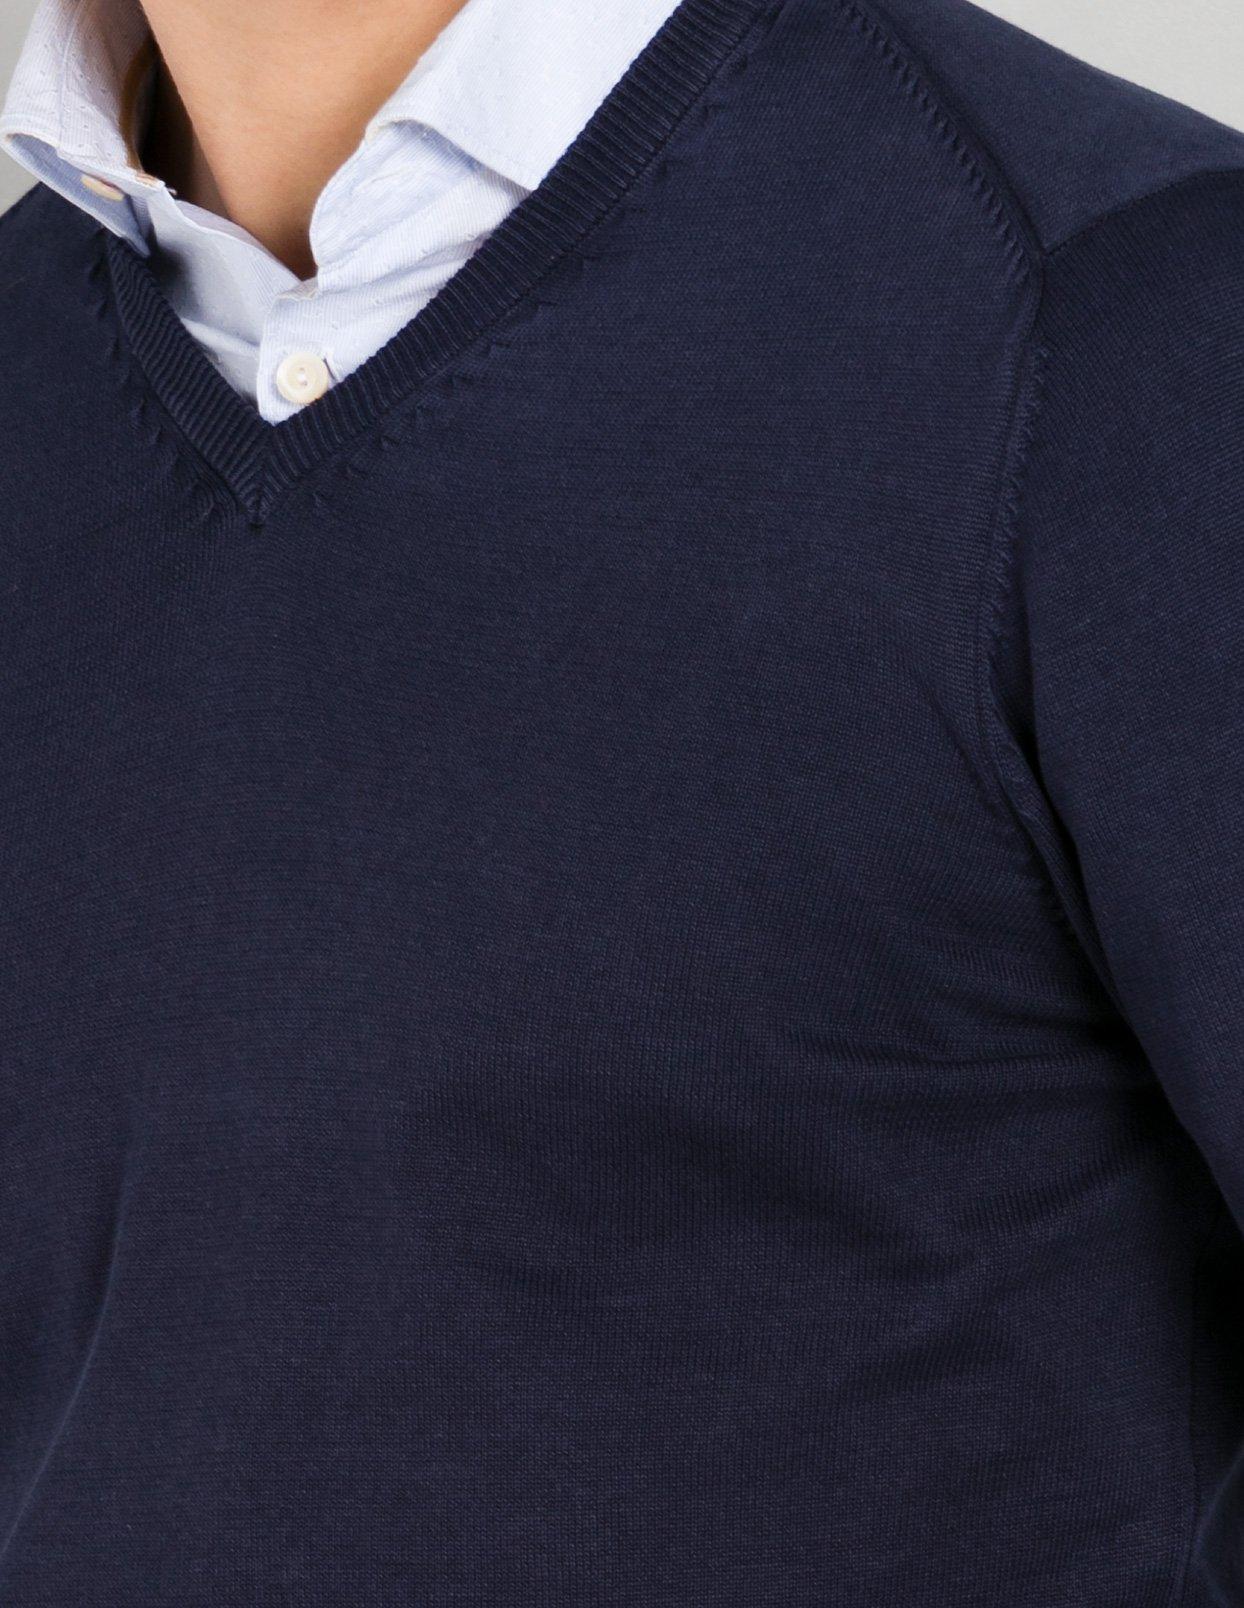 Jersey cuello pico color azul marino con coderas, 100% Algodón. - Ítem1